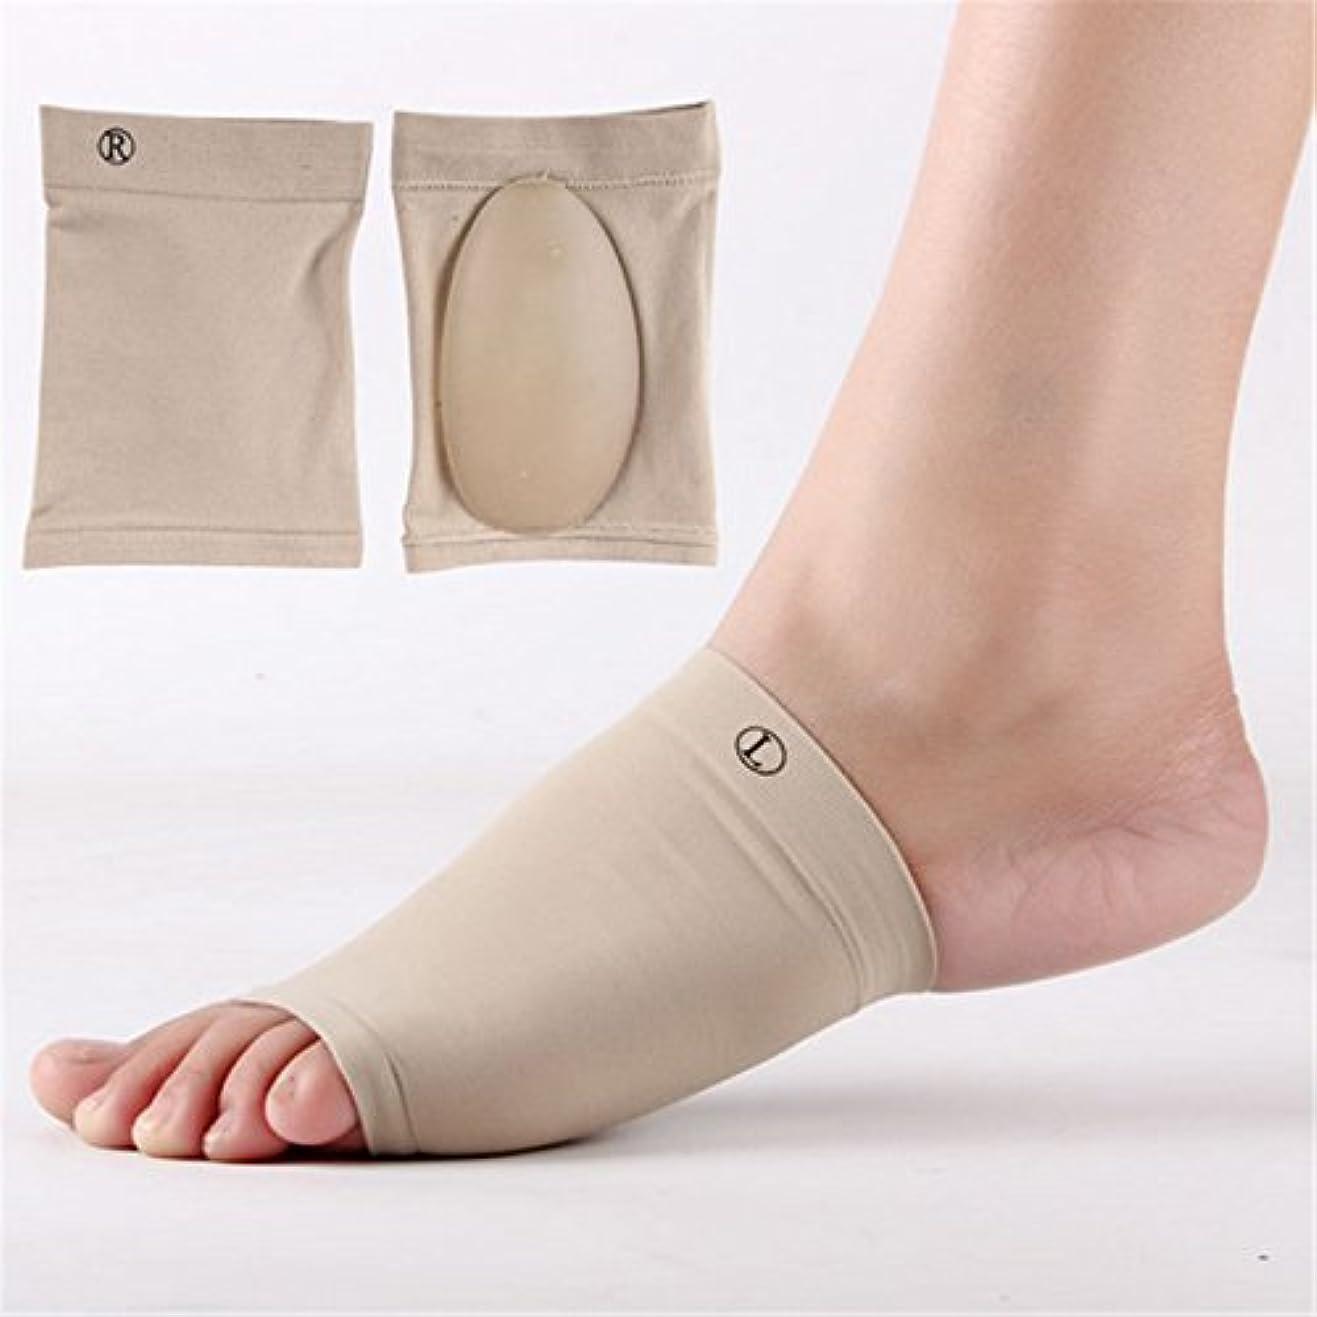 証拠ラフト考古学Lorny(TM)1Pairジェル足底筋膜炎アーチサポートスリーブアーチソックスかかとクッションフラット足の整形外科靴パッドフットケア [並行輸入品]